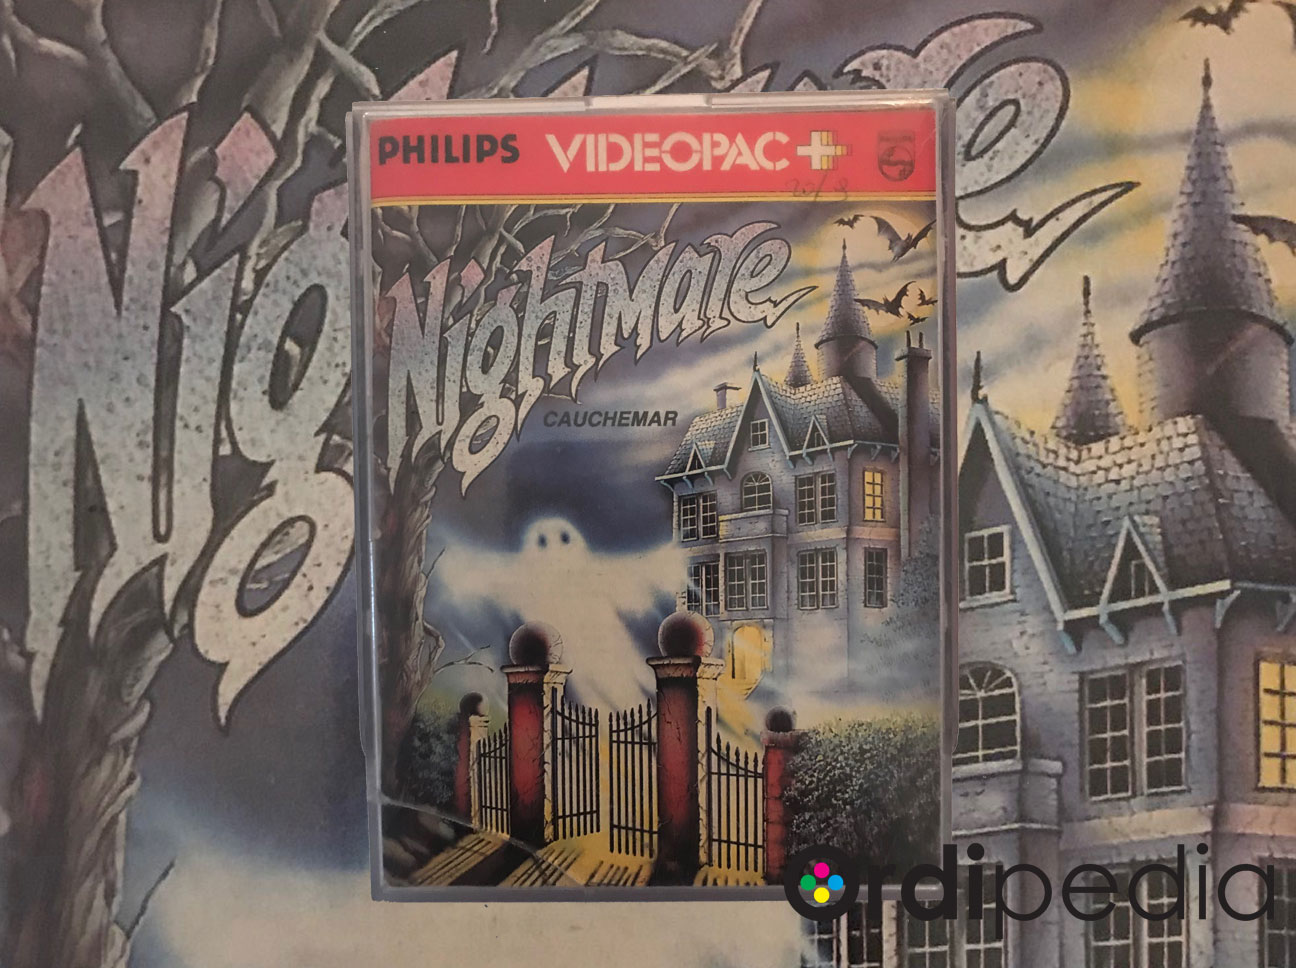 Videopac 53 - Nightmare